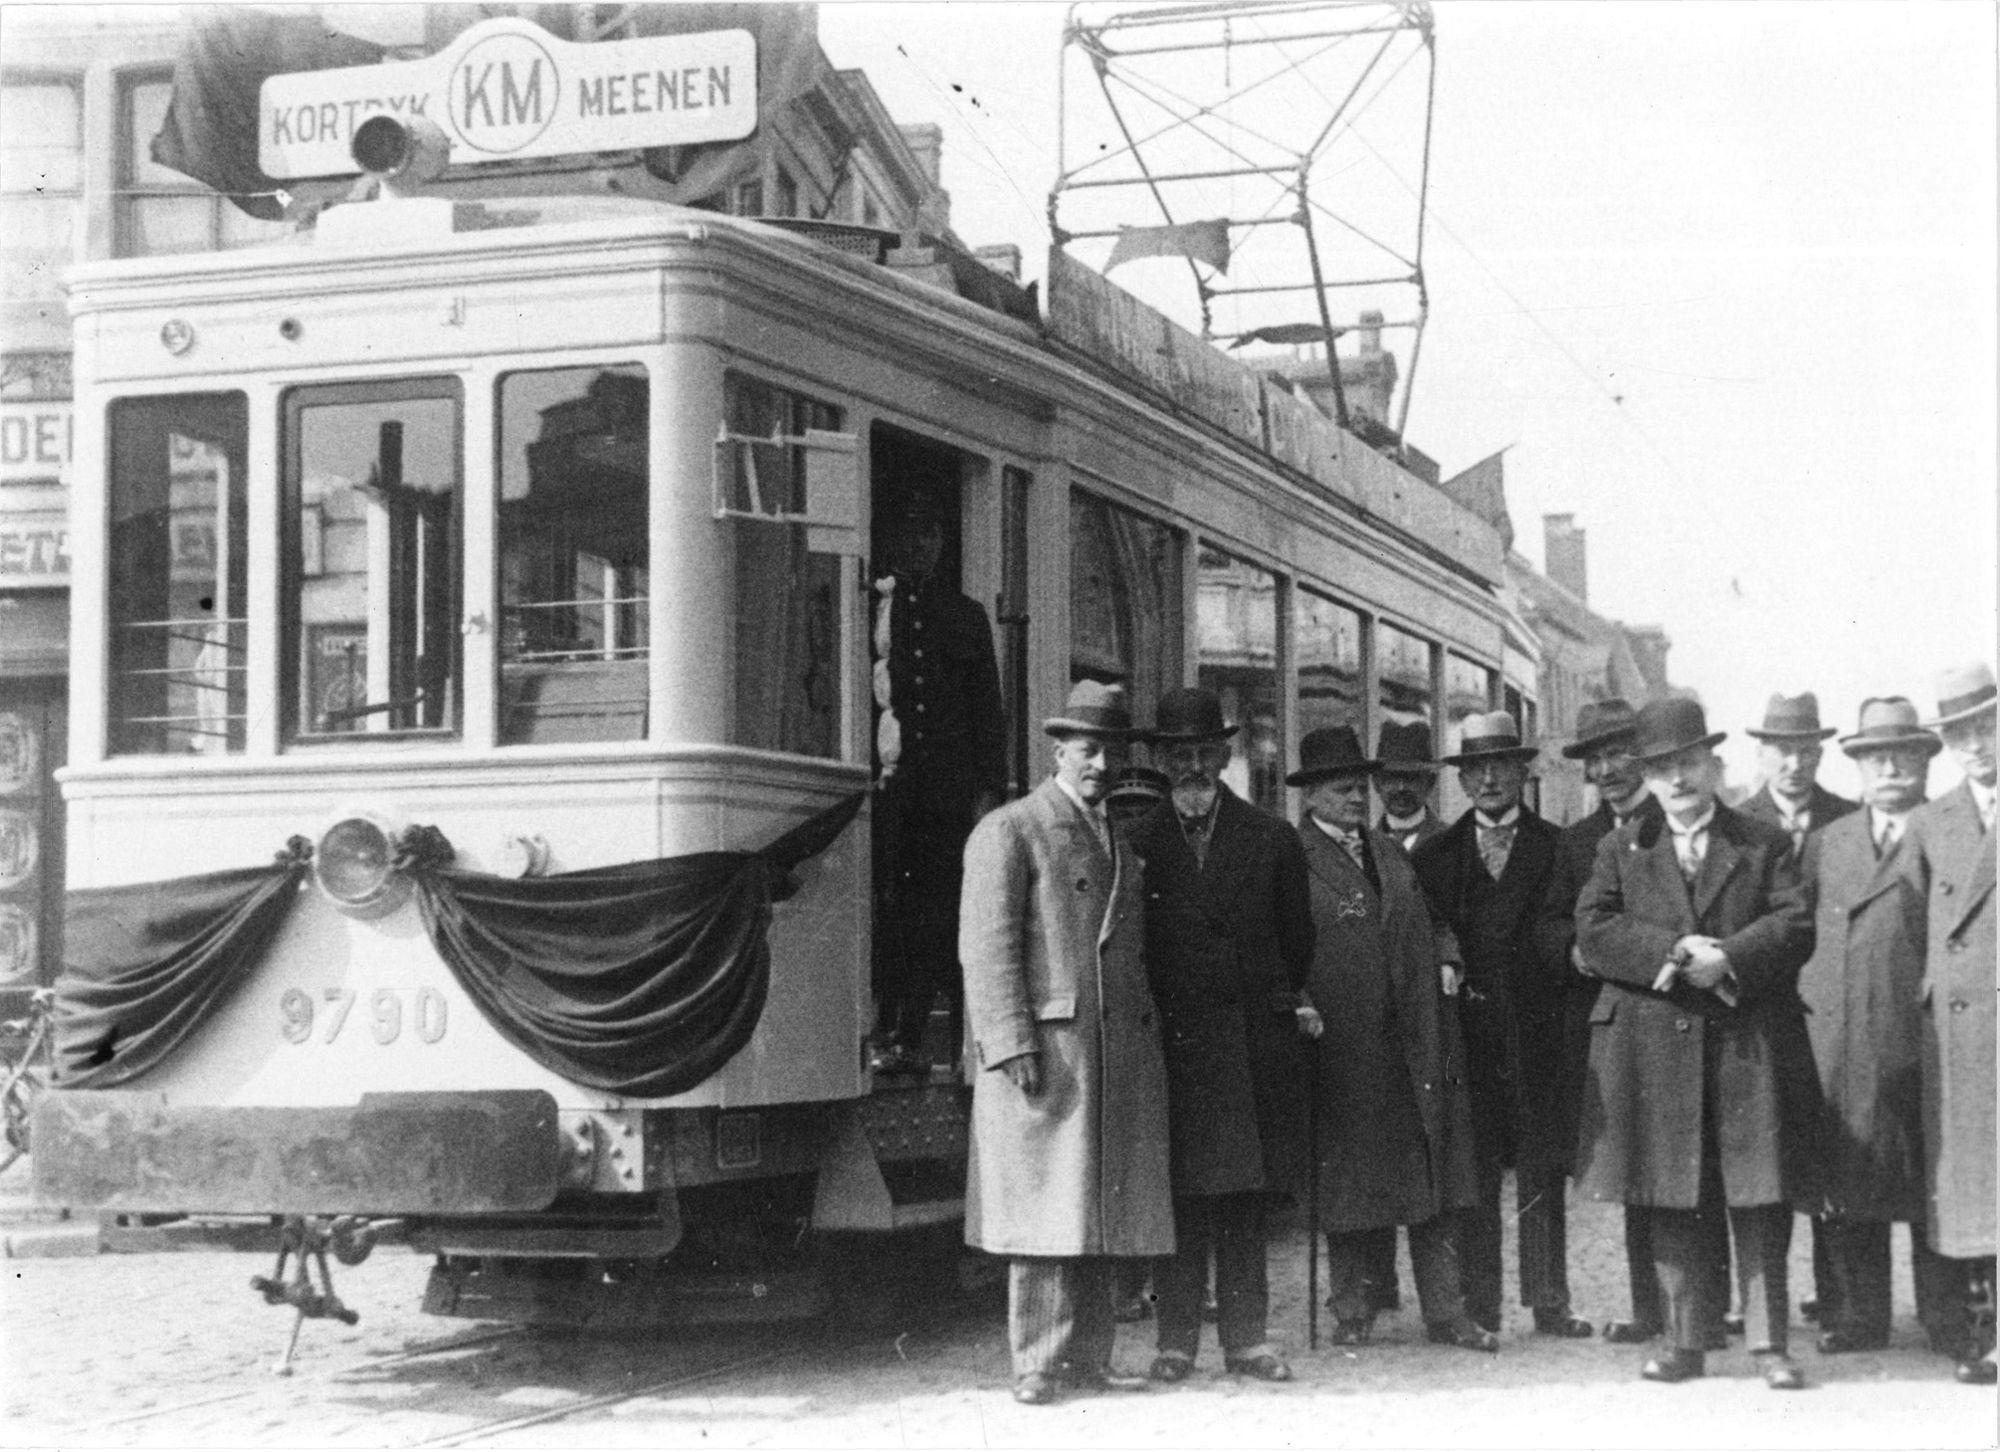 Inwijding elektrische tram van Kortrijk naar Menen